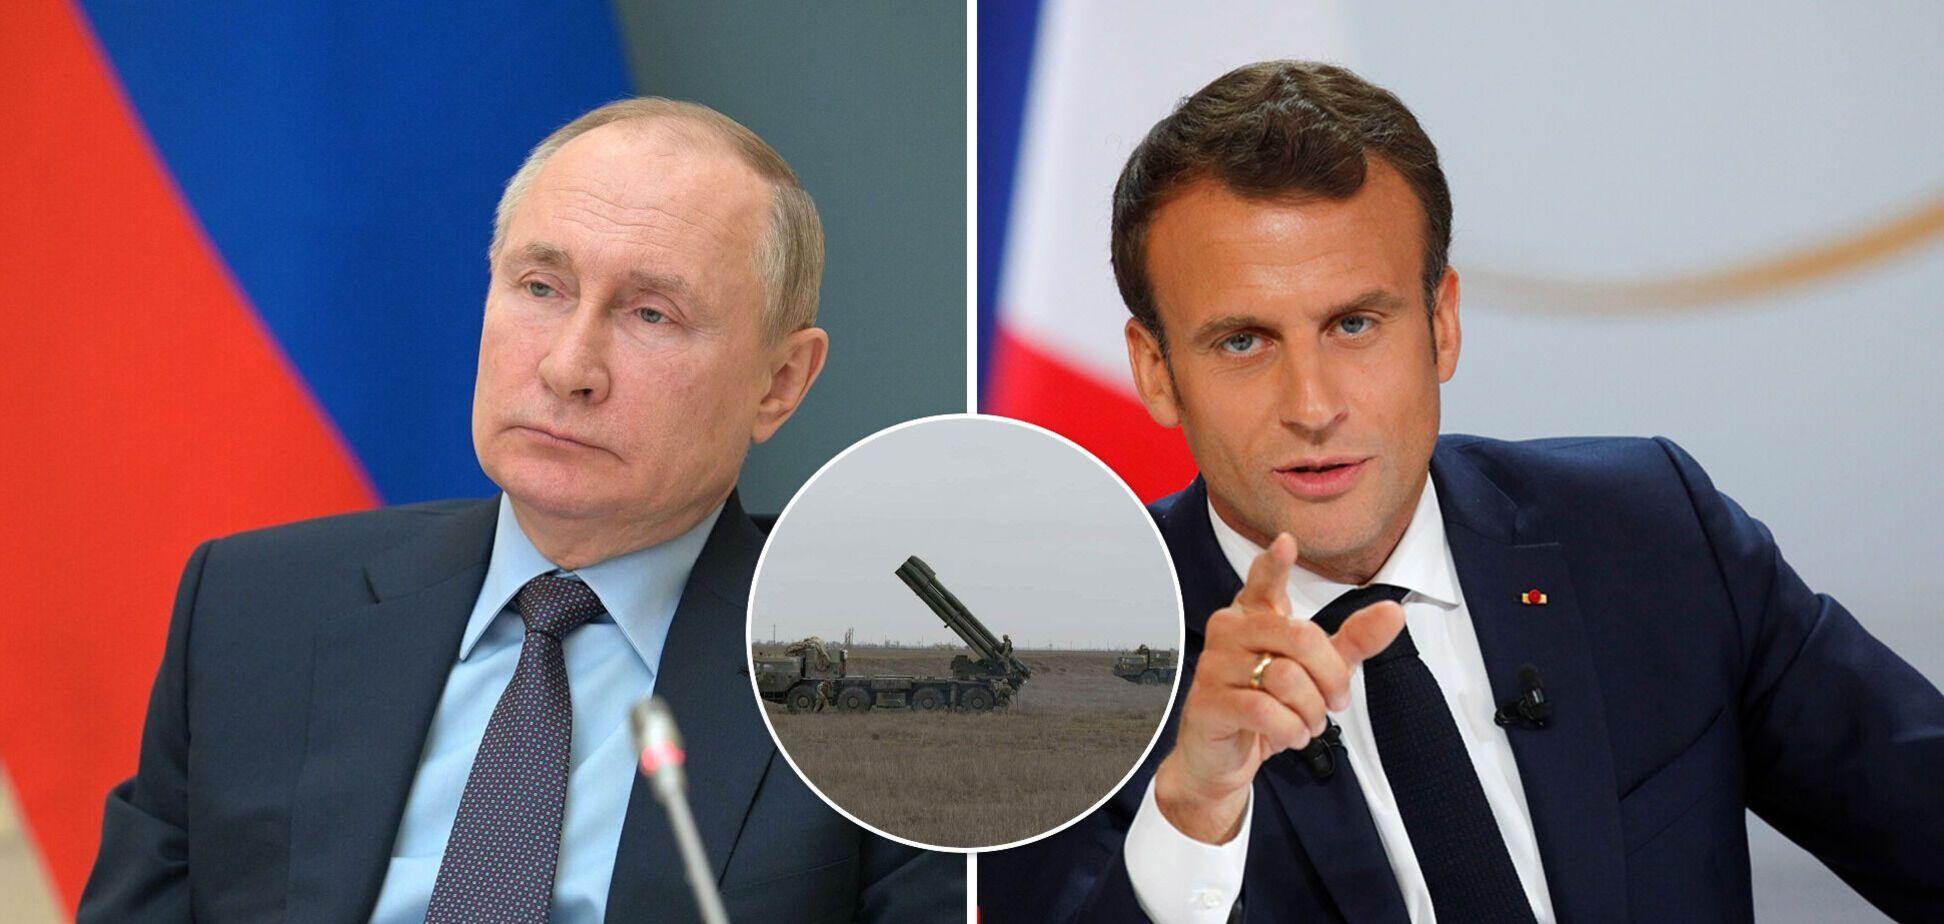 Макрон позвонил Путину и призвал прекратить огонь и отвести тяжелое оружие от границ Украины